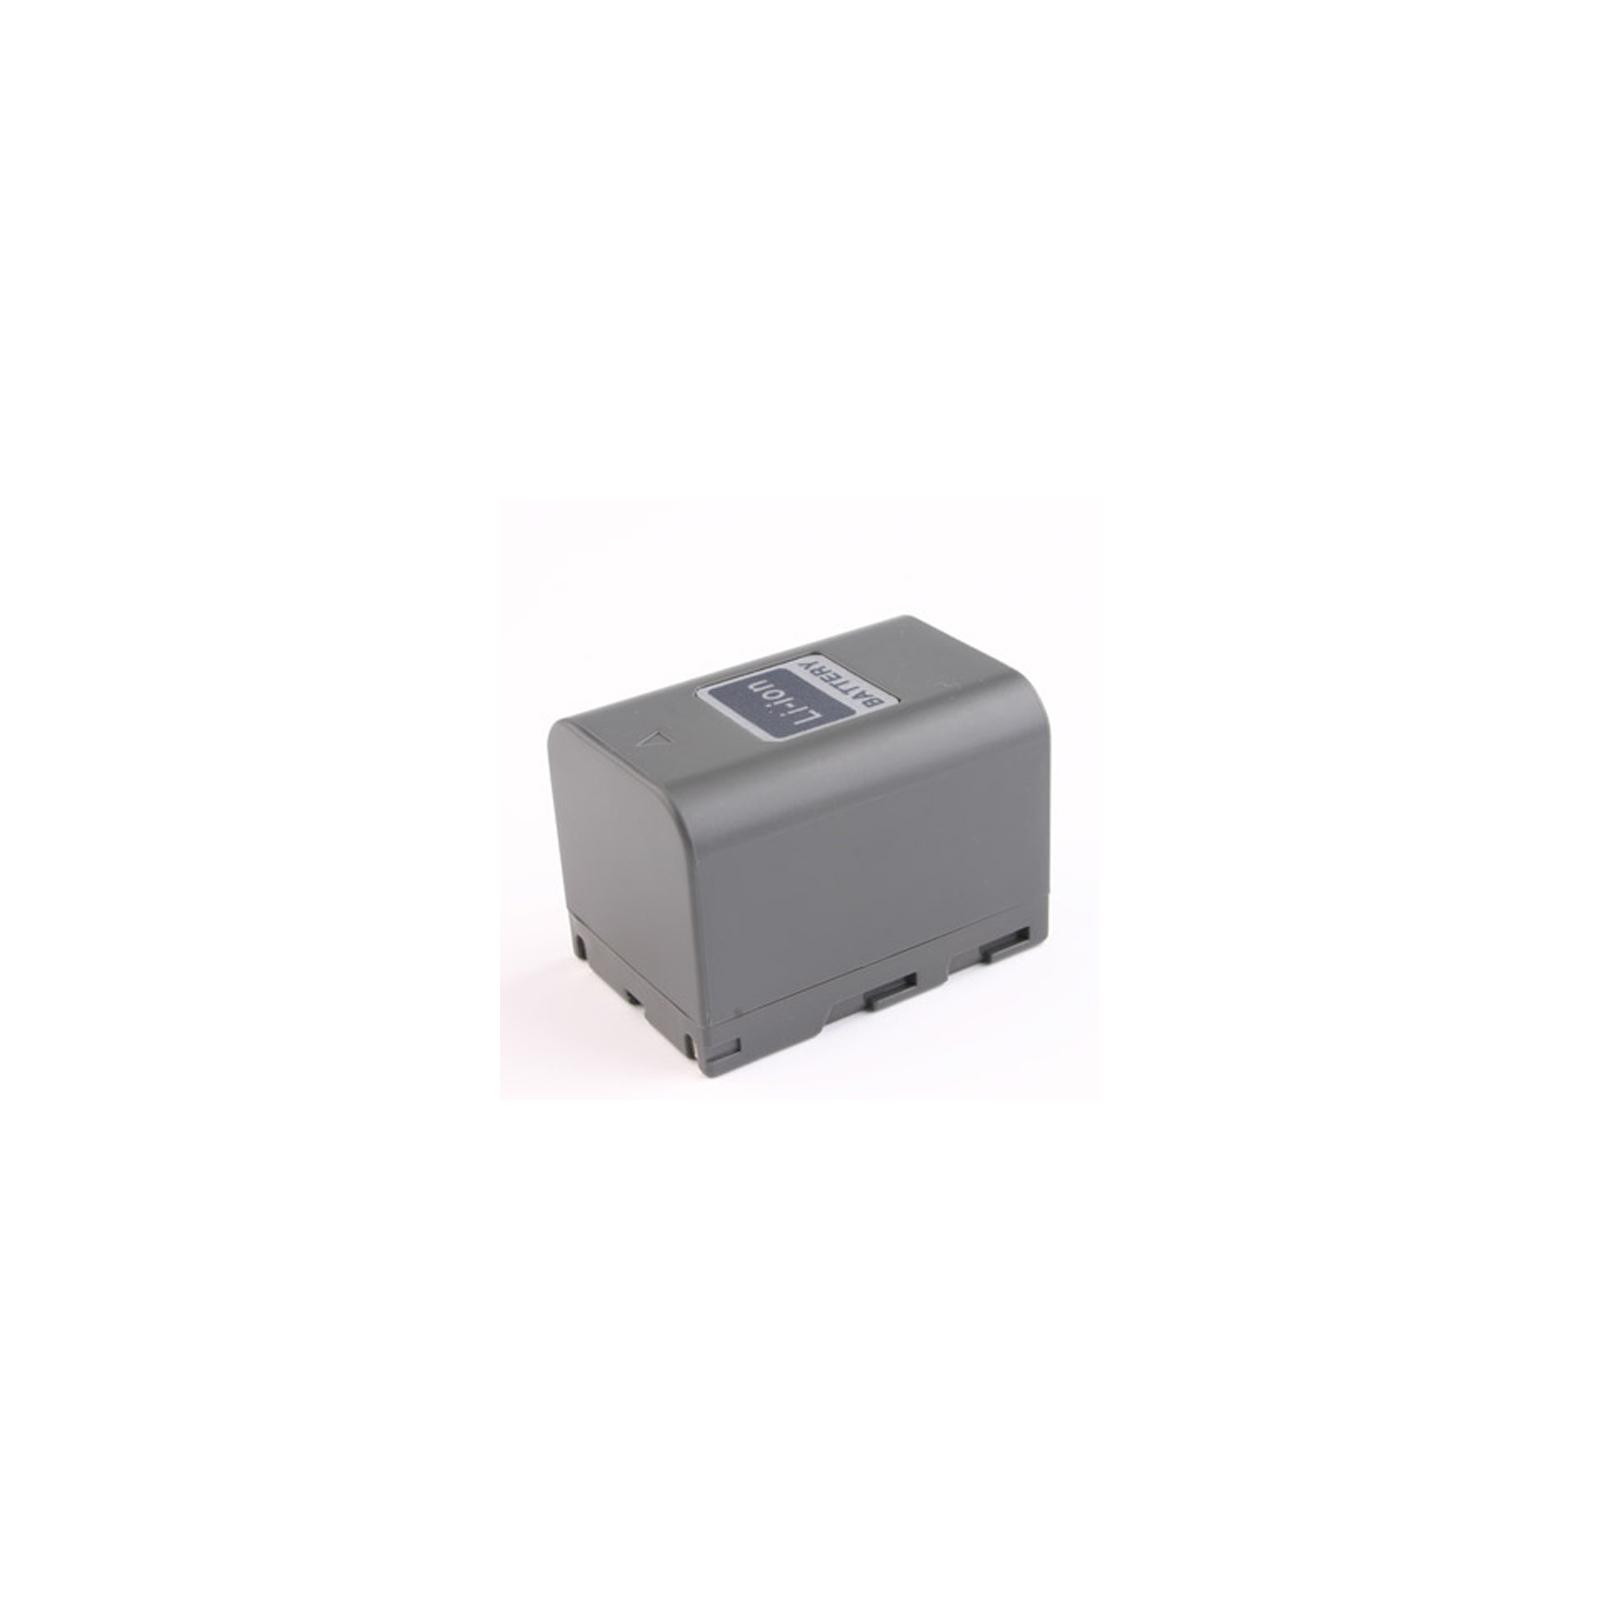 Аккумулятор к фото/видео PowerPlant Samsung SB-L220 (DV00DV1101)